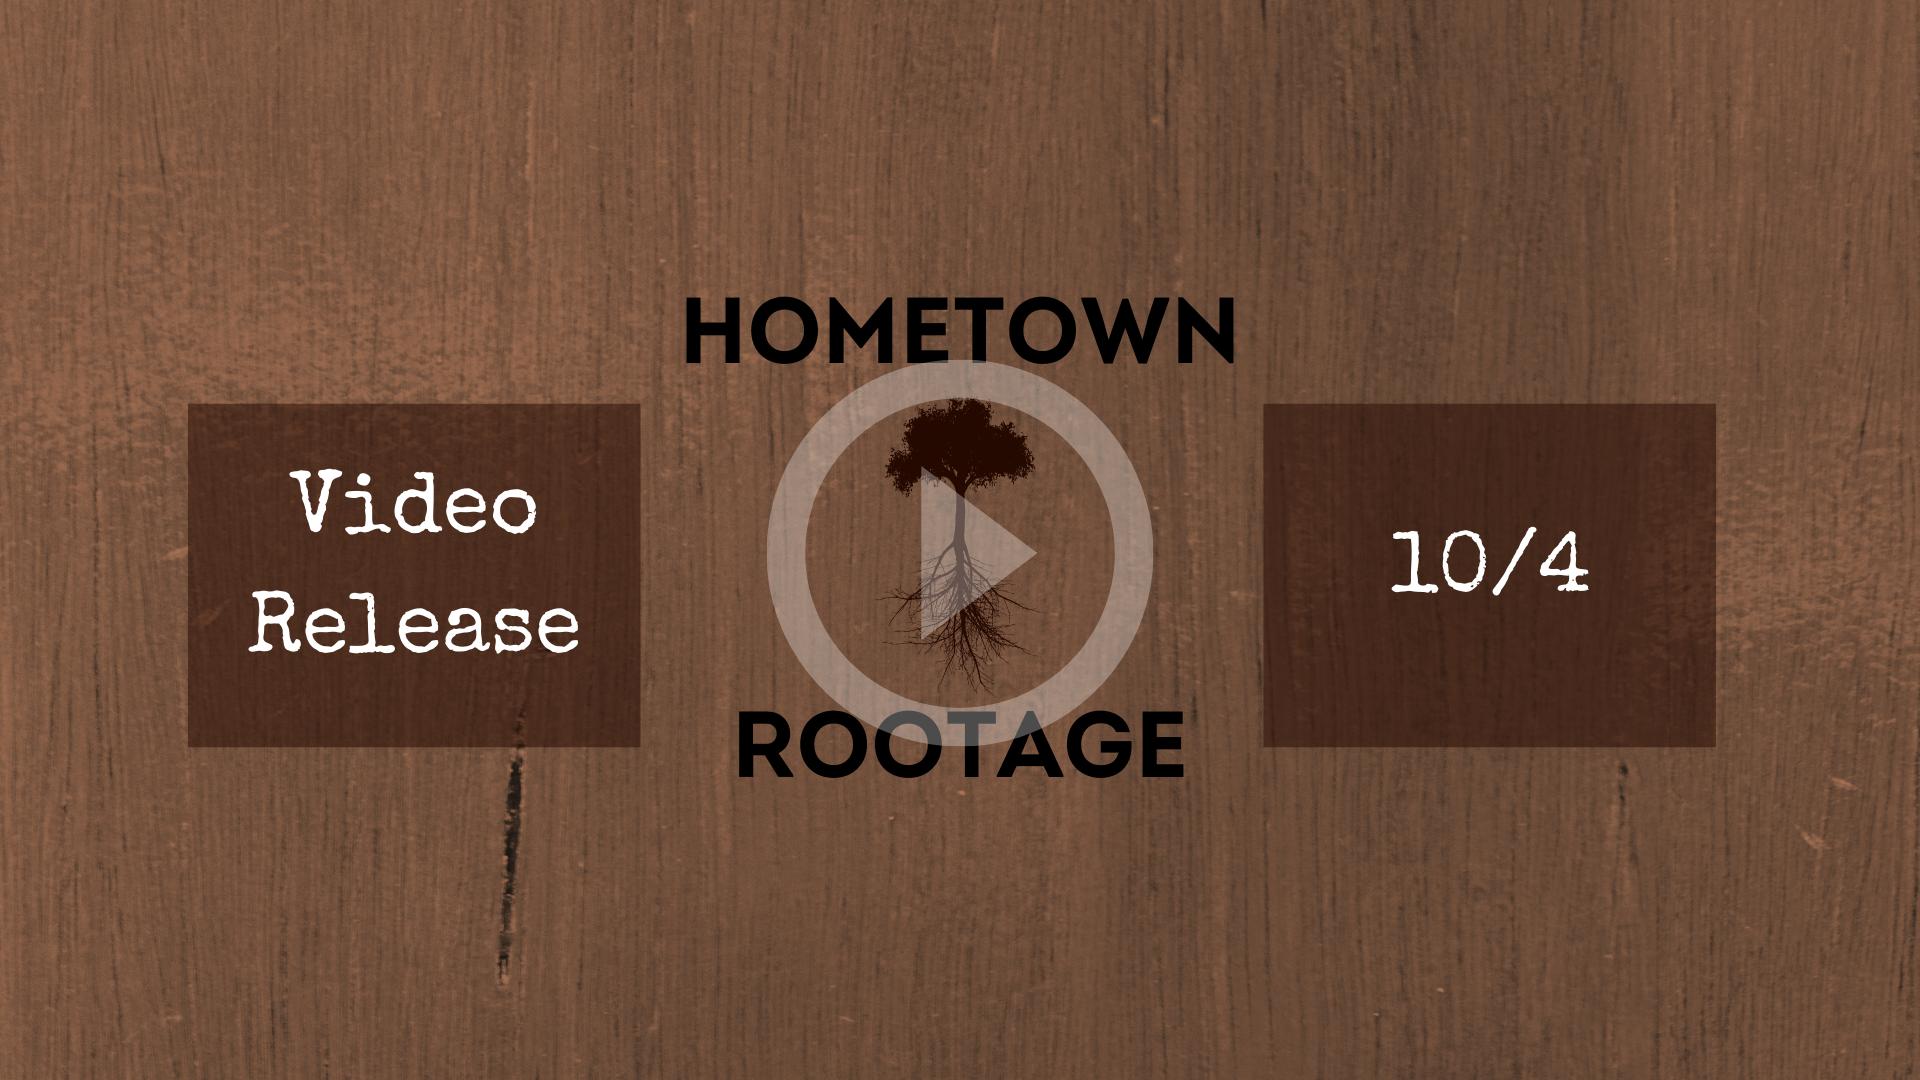 Hometown Rootage Video!!! 10/4